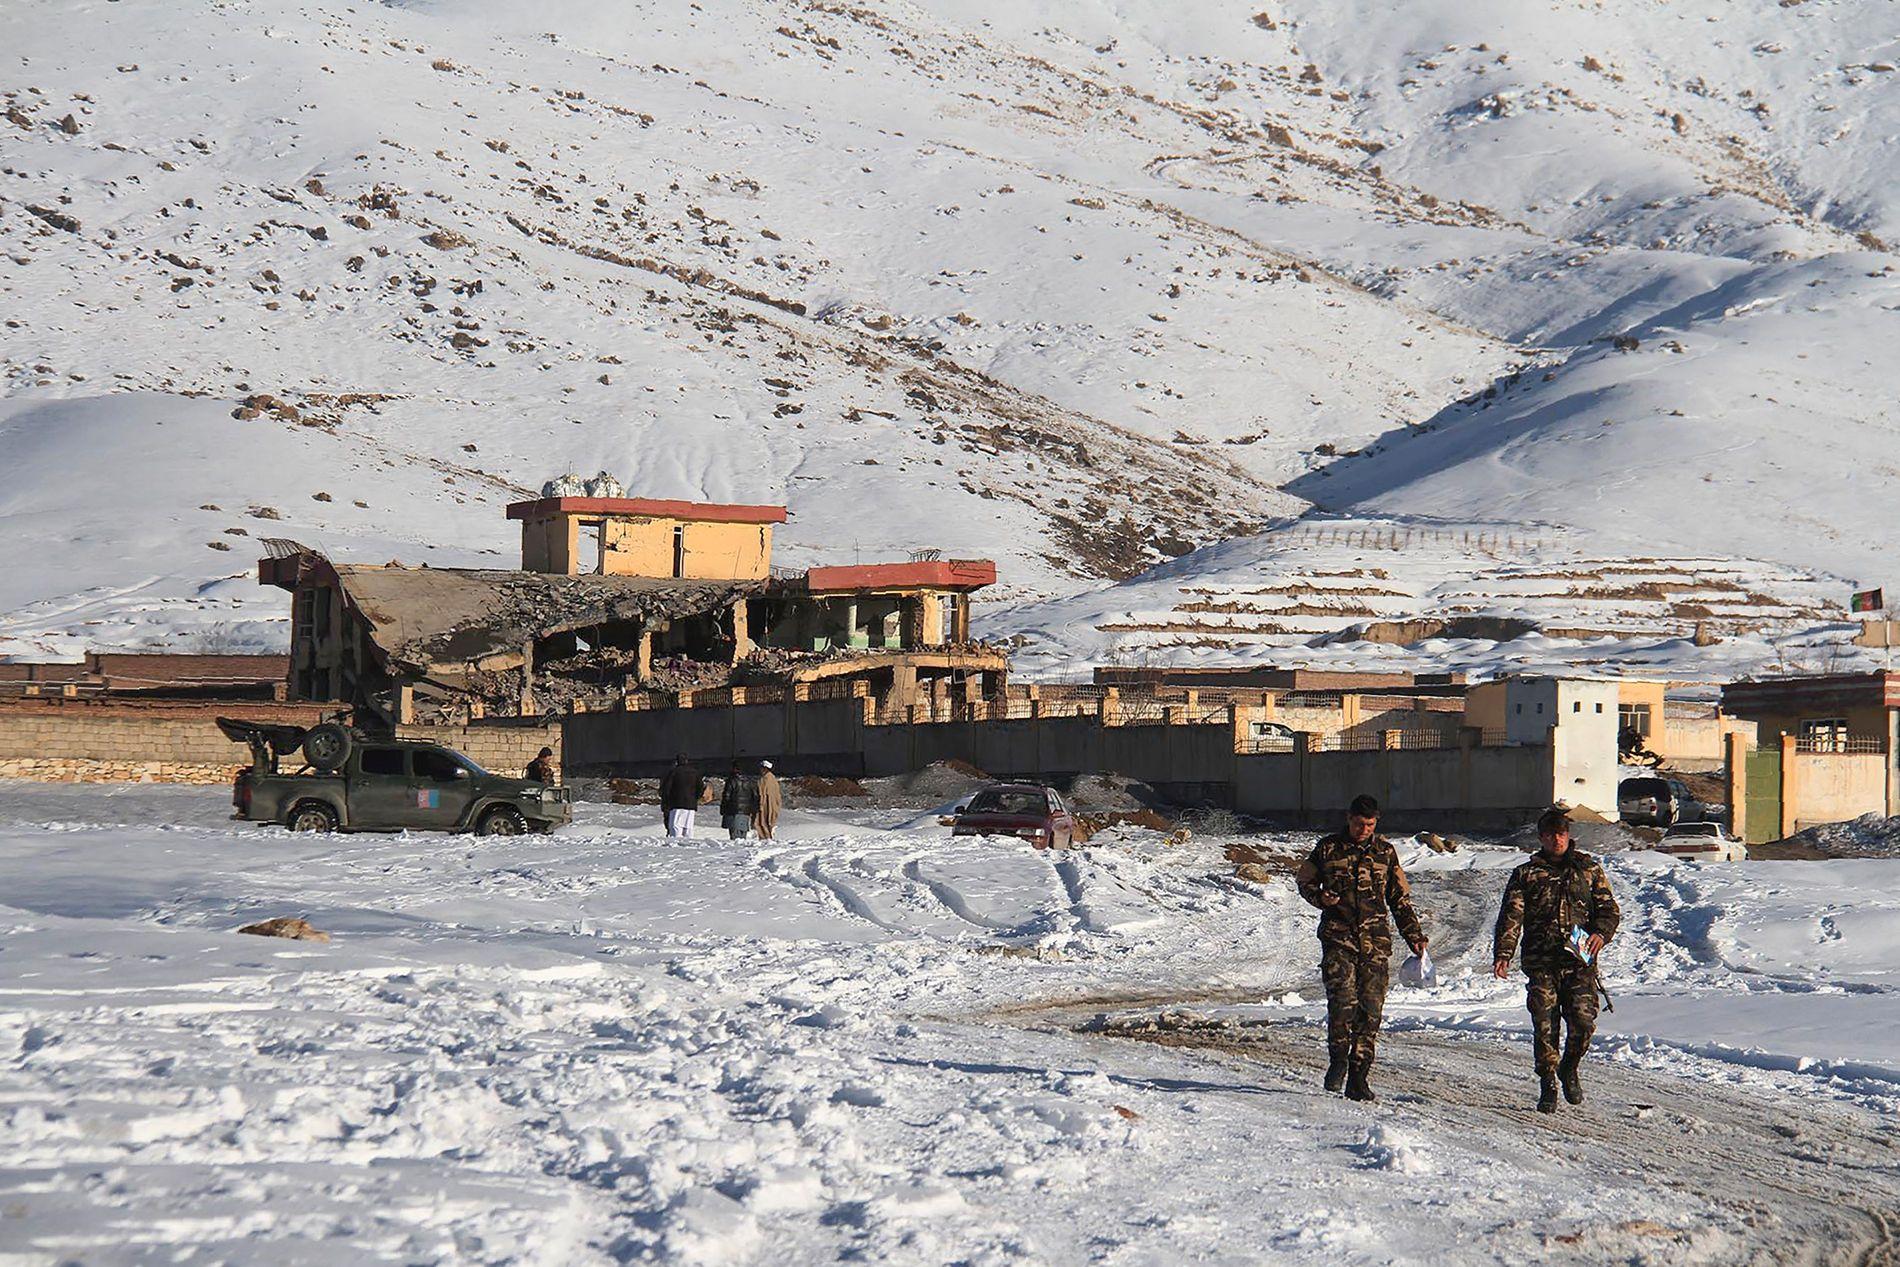 BILBOMBE-ANGREP: Taliban tok på seg skylden for angrepet på en militærbase i Maidan Wardak-provinsen 21. januar. Angrepet skjedde samme uke som fredssamtalene i Qatar begynte.